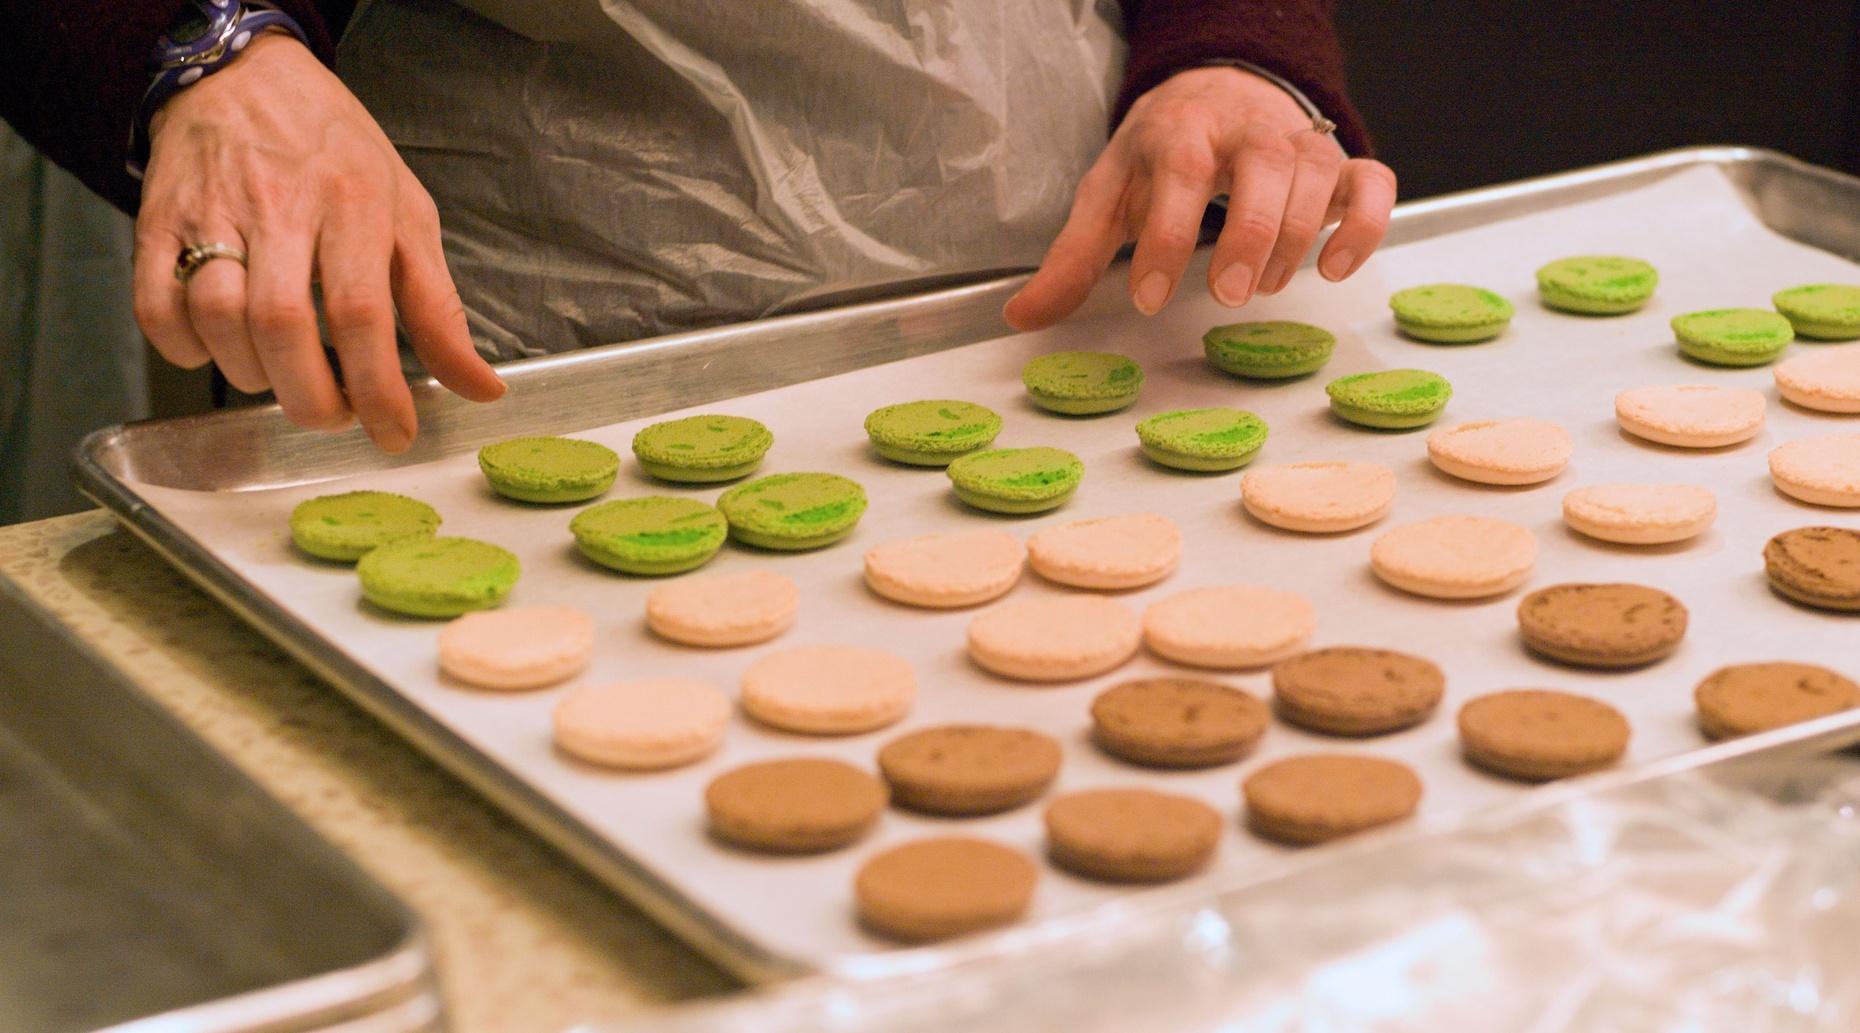 French Macarons Baking Class